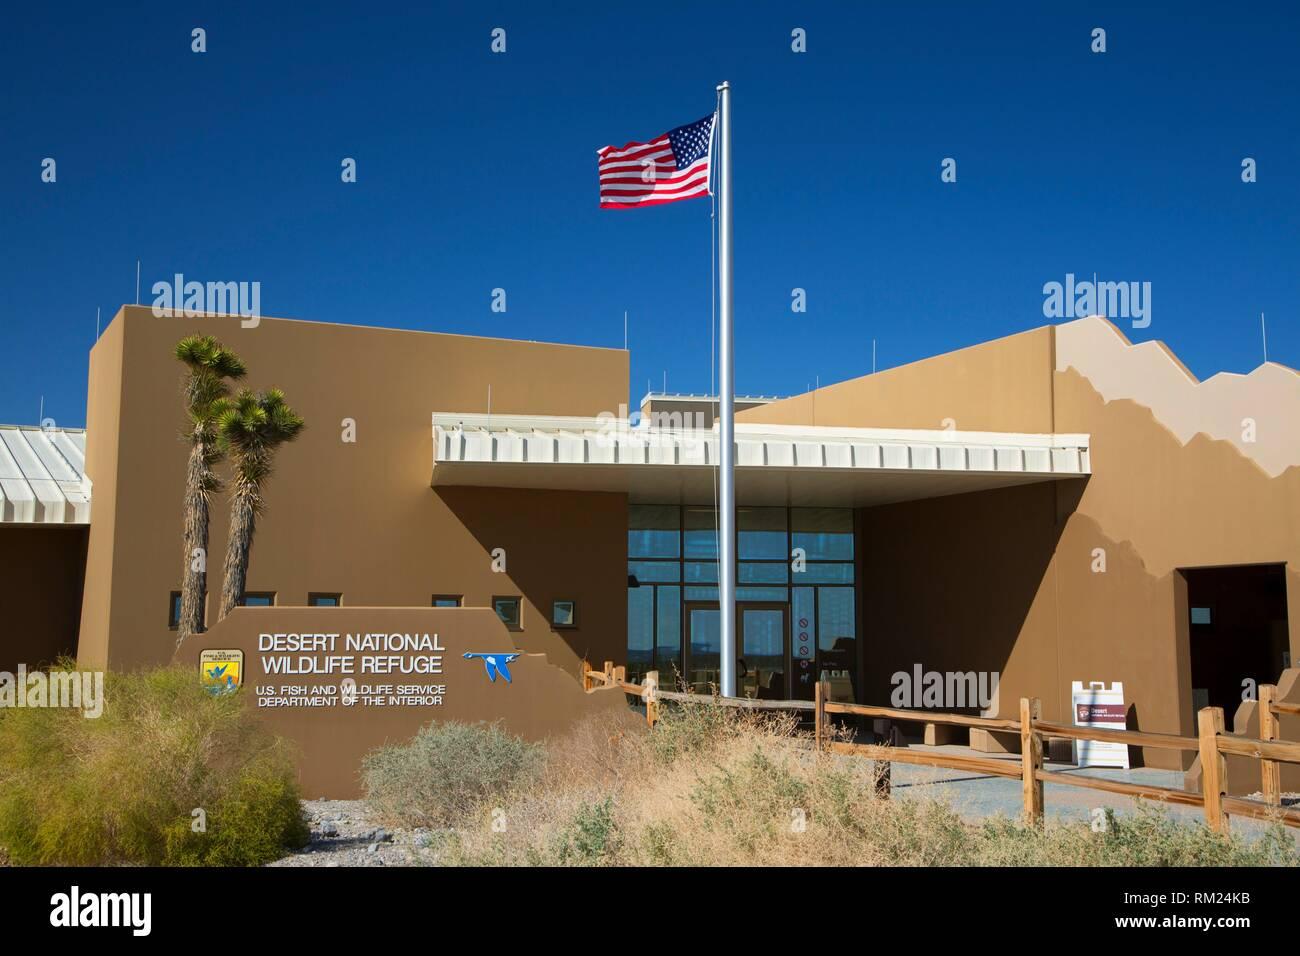 Visitor Center, Desert National Wildlife Refuge, Nevada. - Stock Image